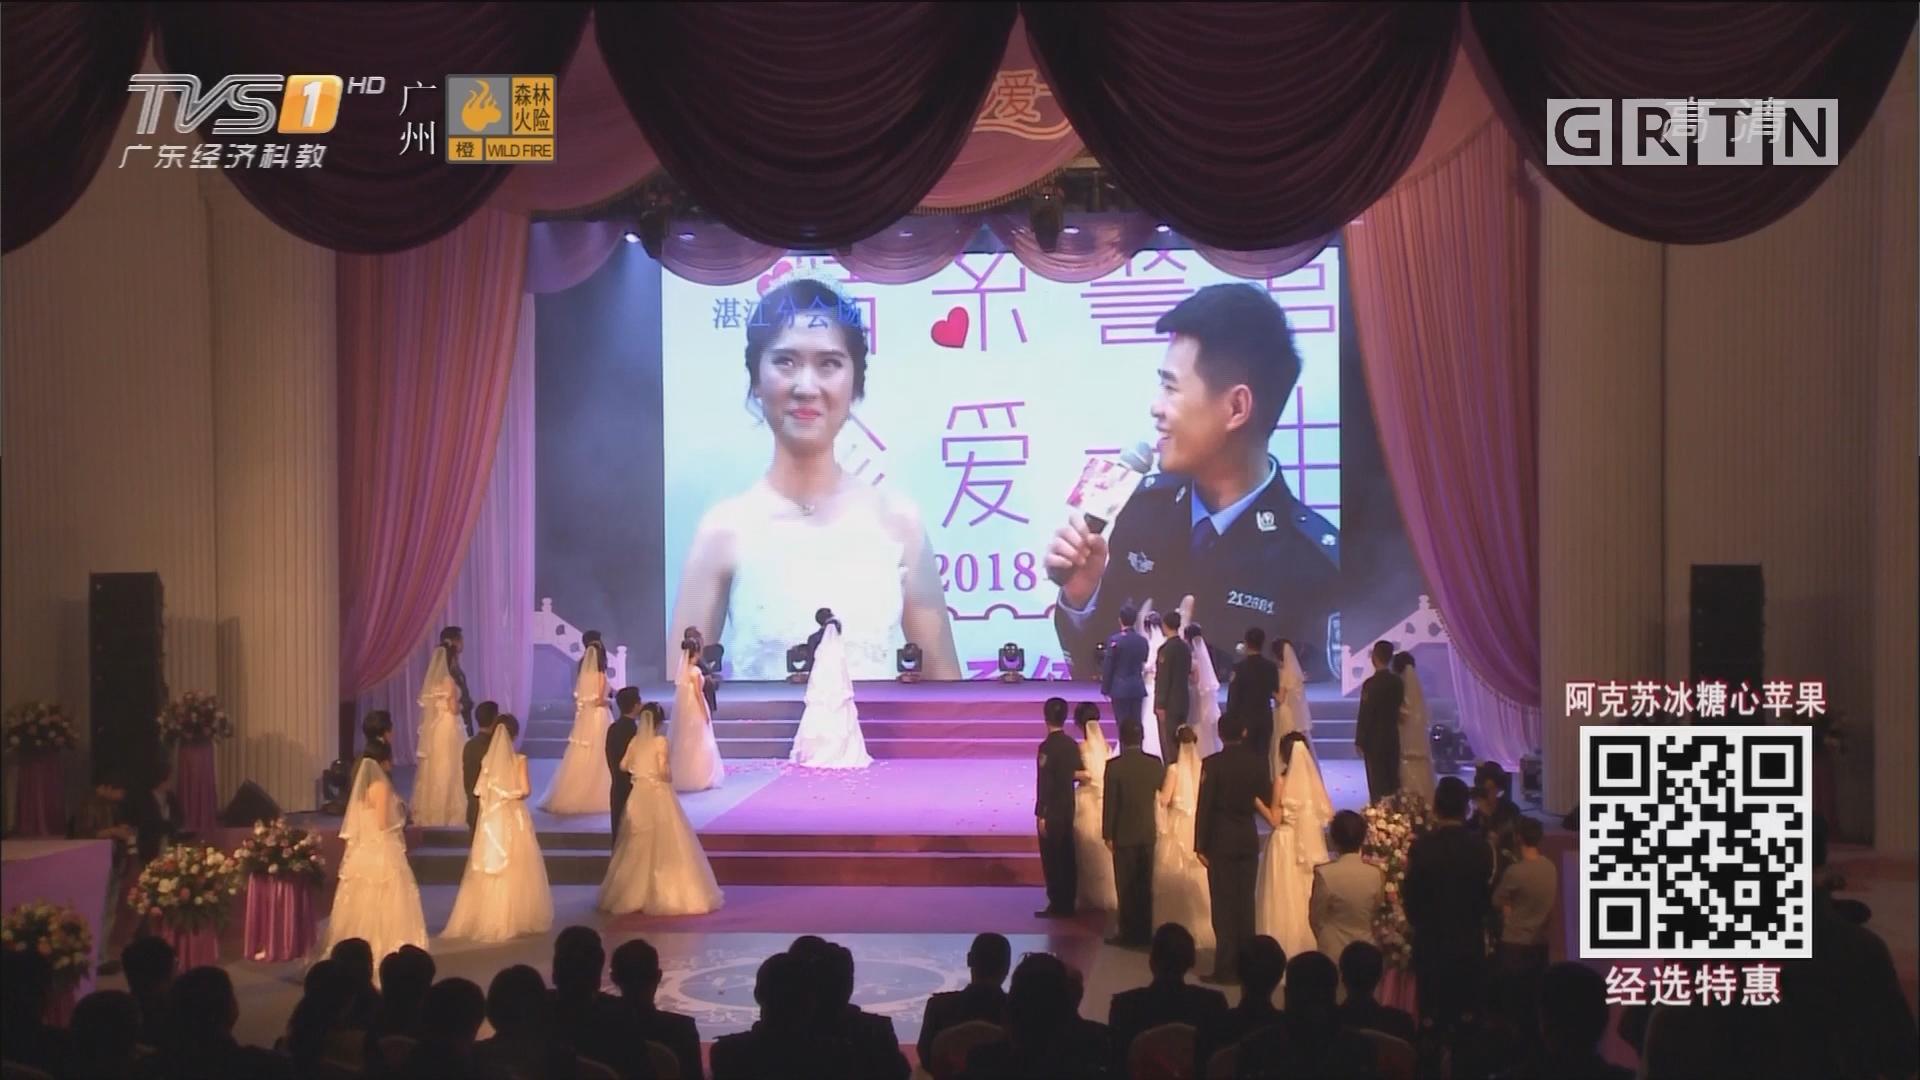 特别的婚礼 180对青年民警集体婚礼!